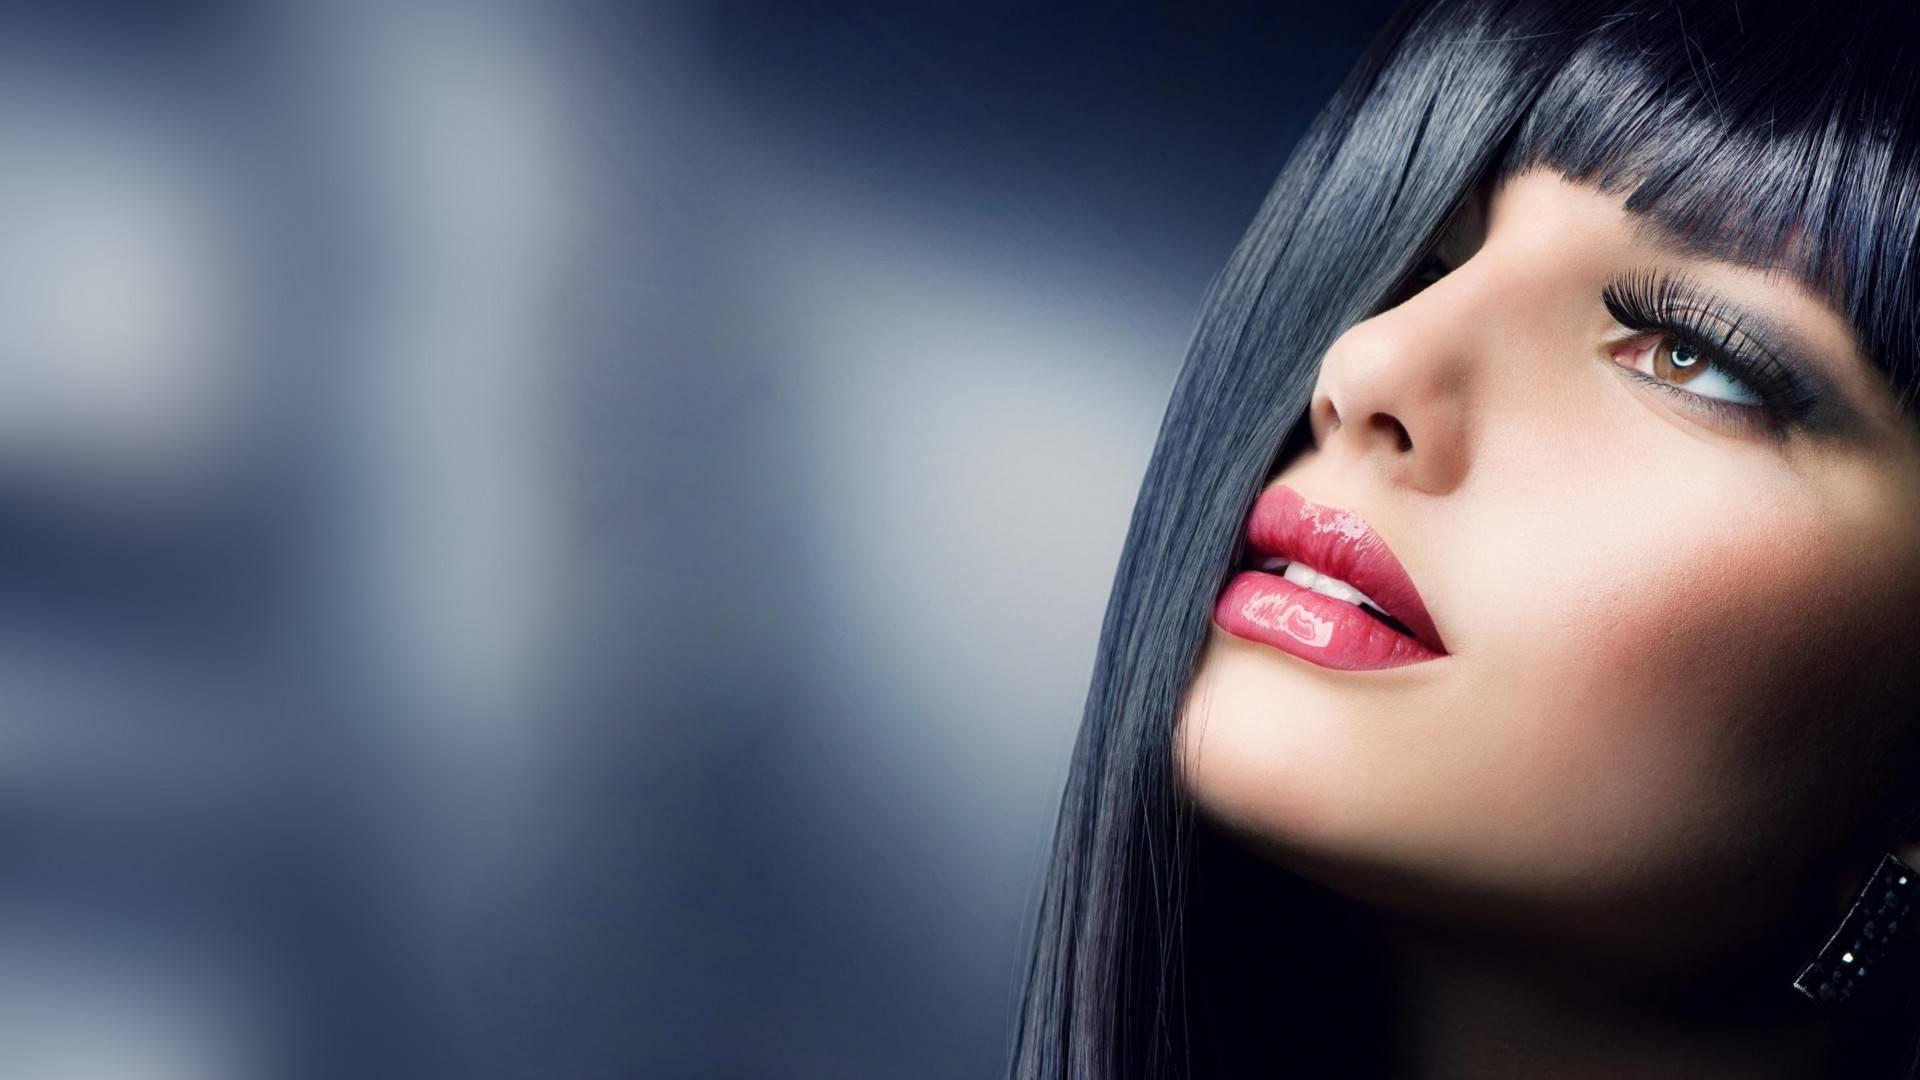 Wallpaper Face Women Model Black Background Looking: LISO PERFEITO PROGRESSIVA ROSA PERFEITA. Passo A Passo Da